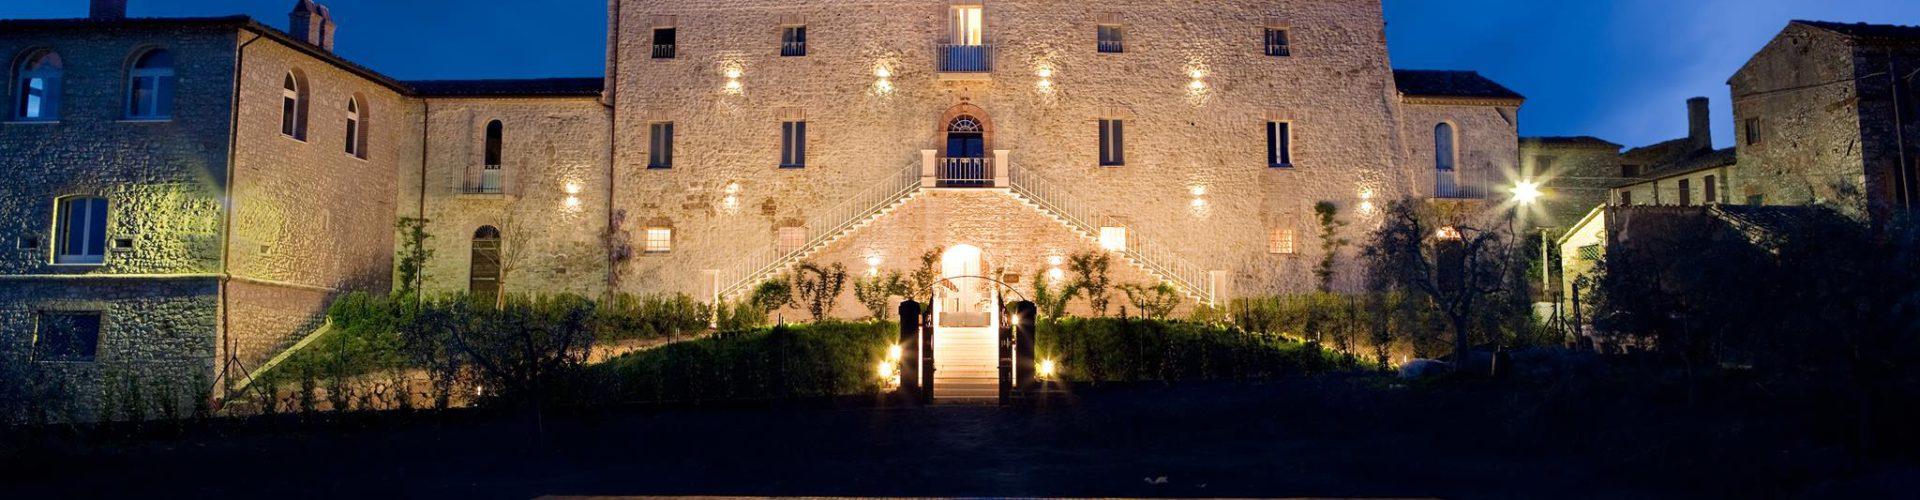 Dormire in un castello: 5 hotel per una notte da Re - Snap Italy